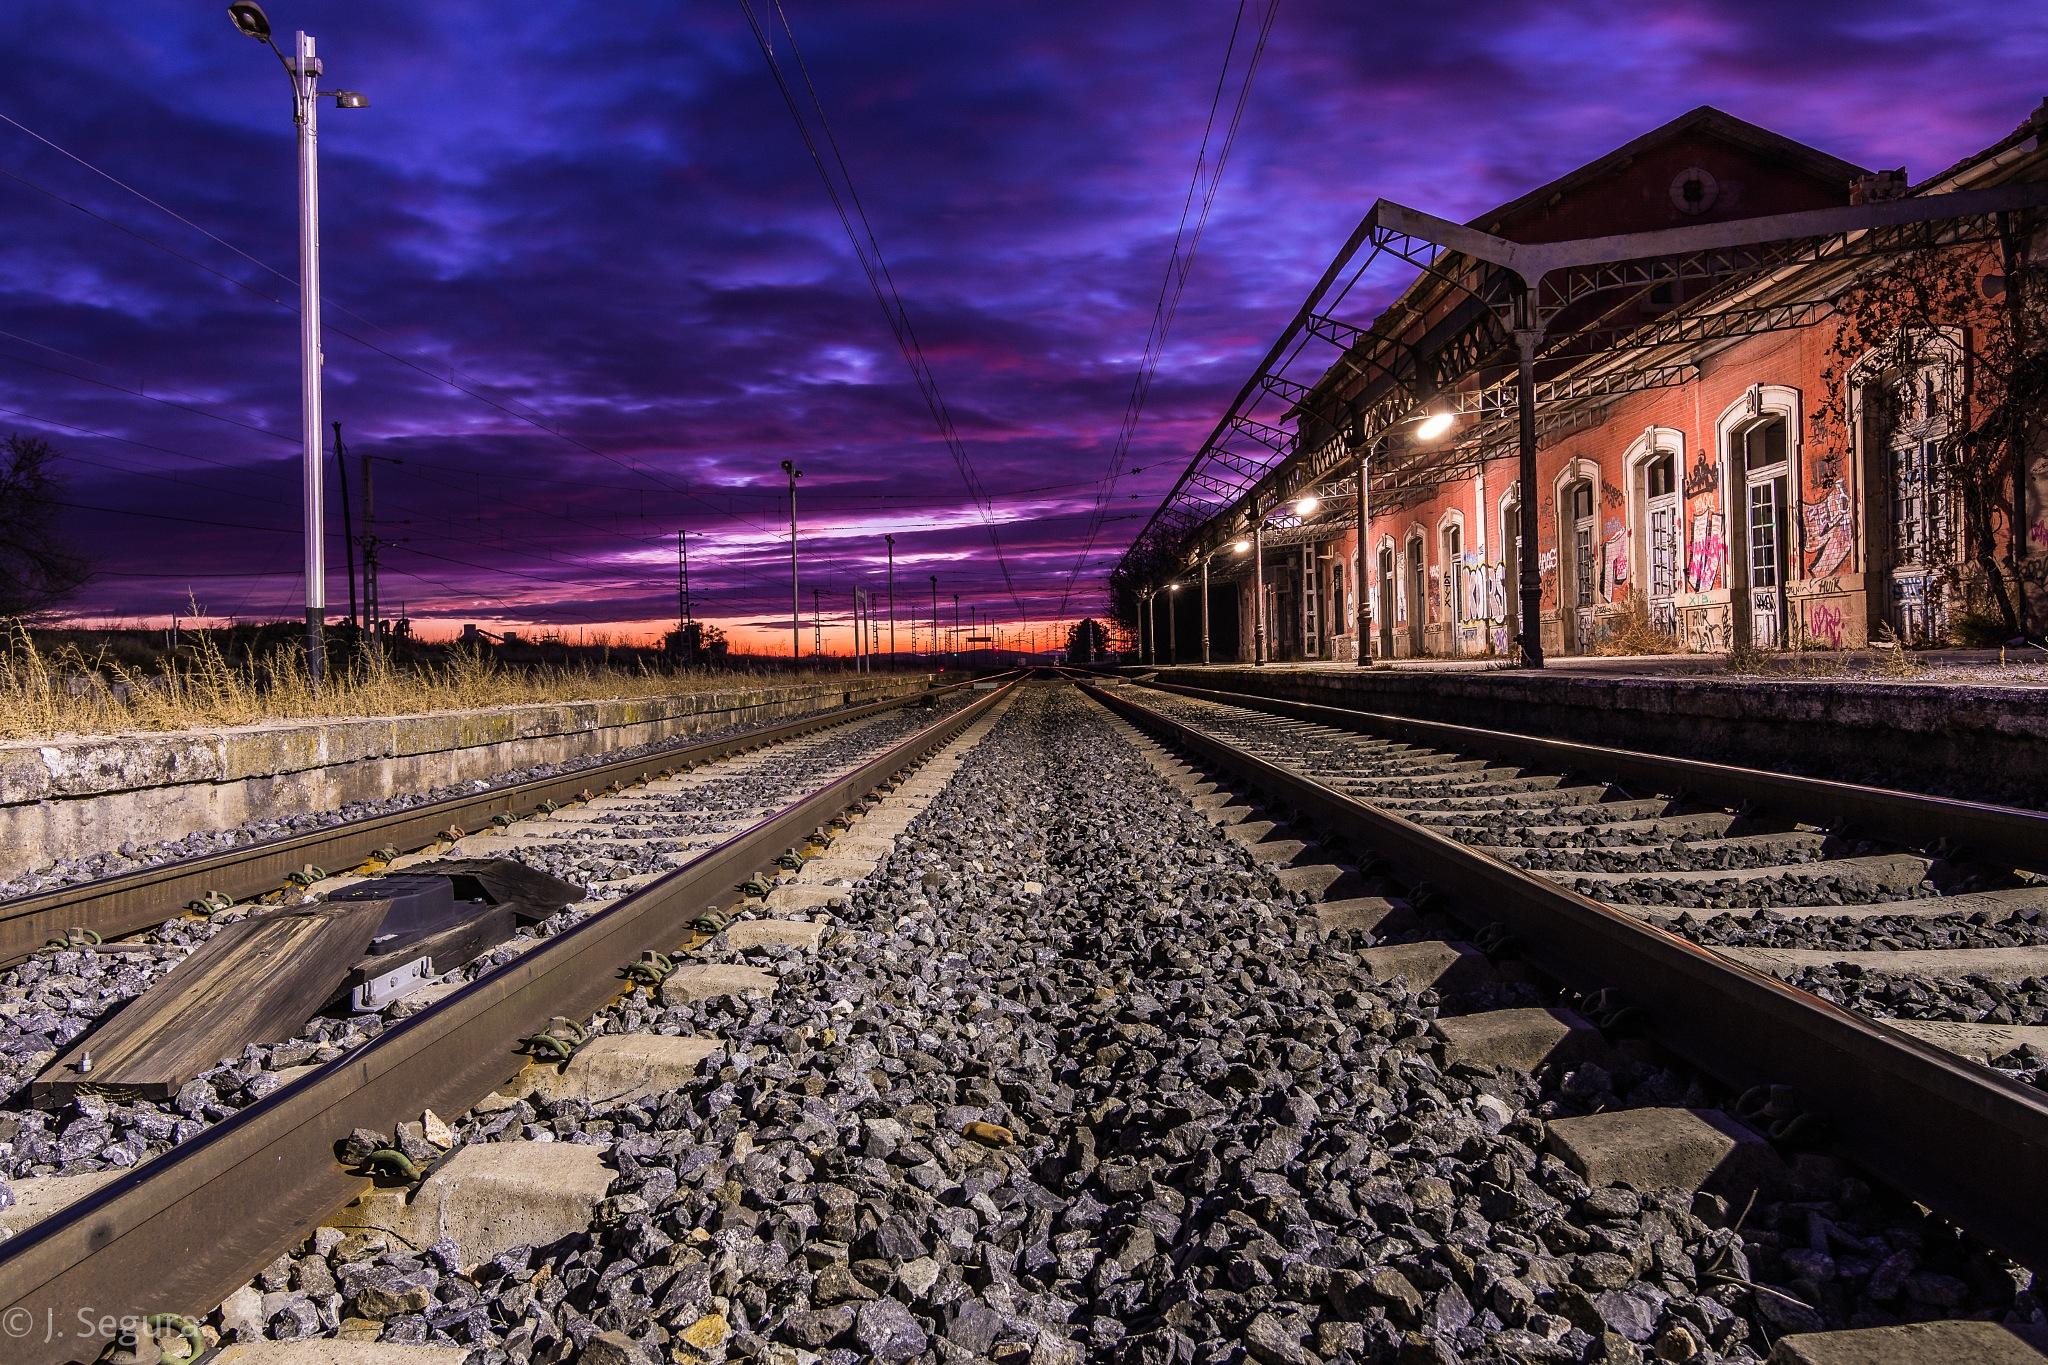 Entre las vías II (Castillejo-Añover) by YorchSeif